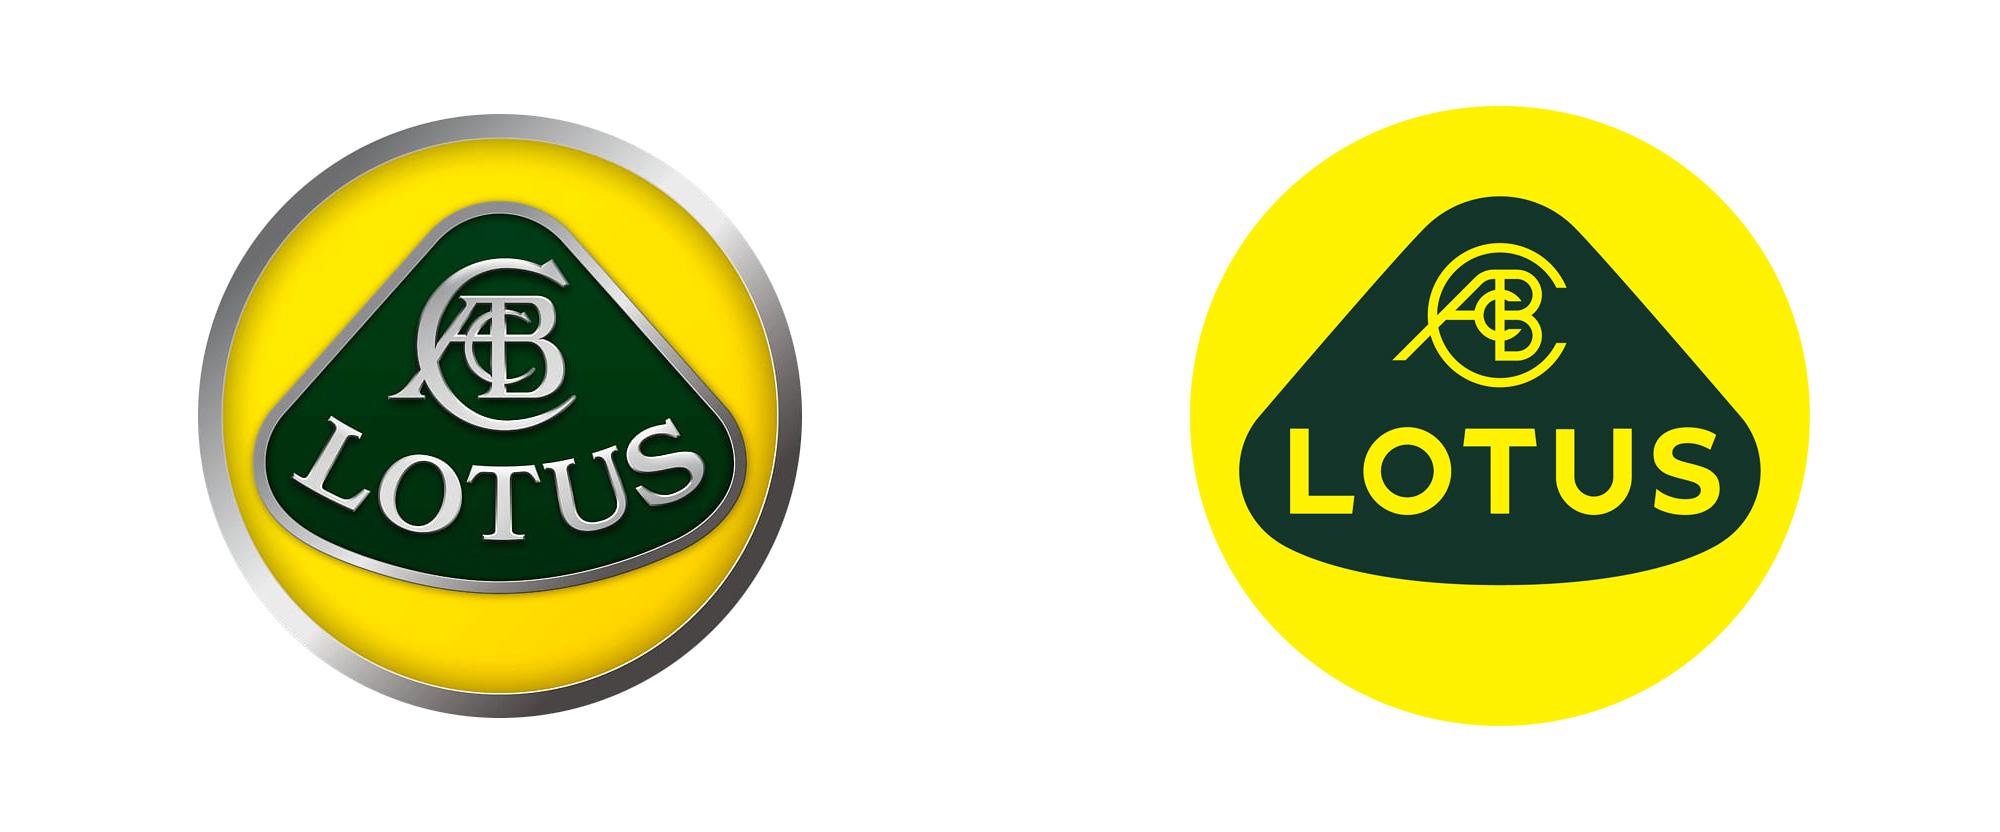 高性能跑车汽车品牌Lotus标识logo设计